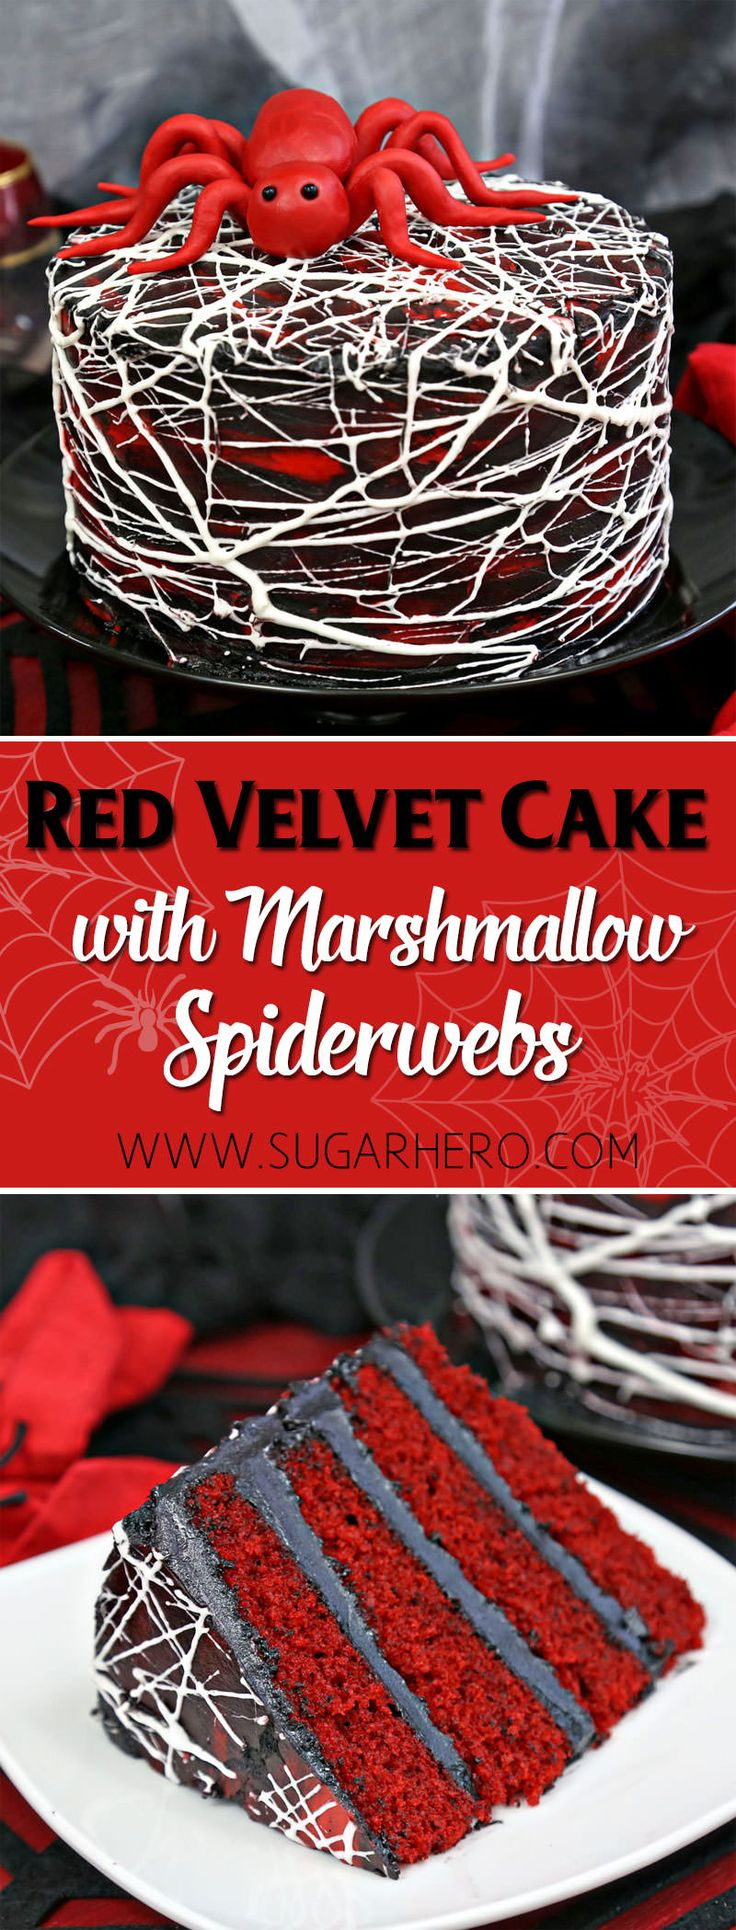 Red Velvet Marshmallow Spiderweb Cake